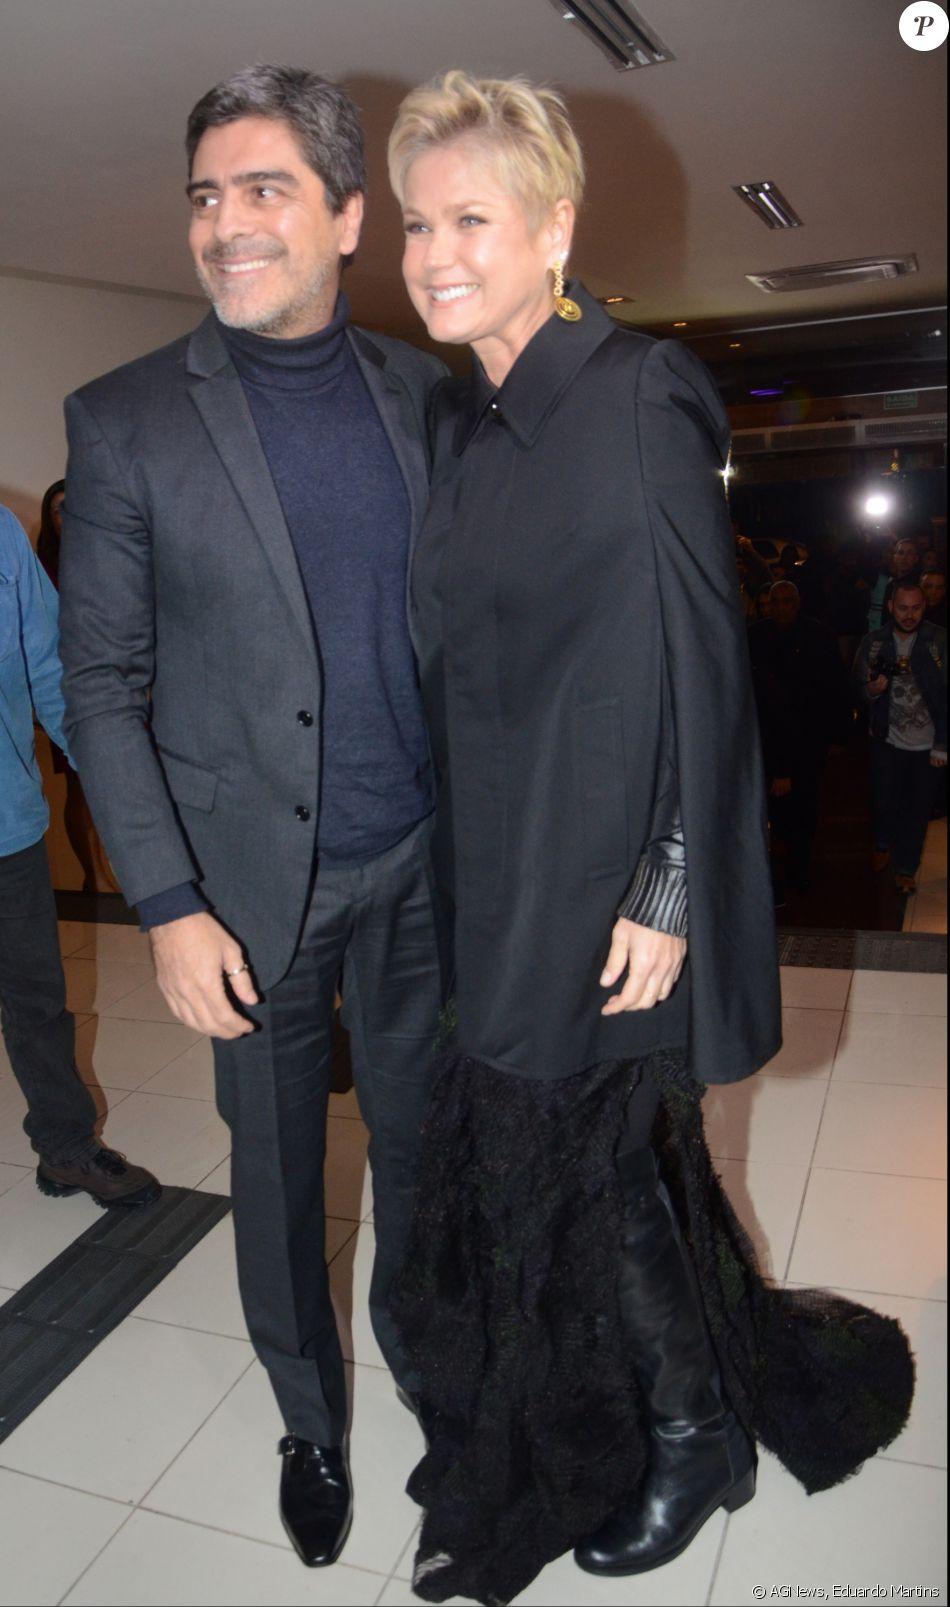 Xuxa Meneghel posou com o namorado, Junno Andrade, na entrada do teatro Procópio Ferreira, em São Paulo, onde assistiu a estreia VIP de 'Os Dez Mandamentos - O Musical'